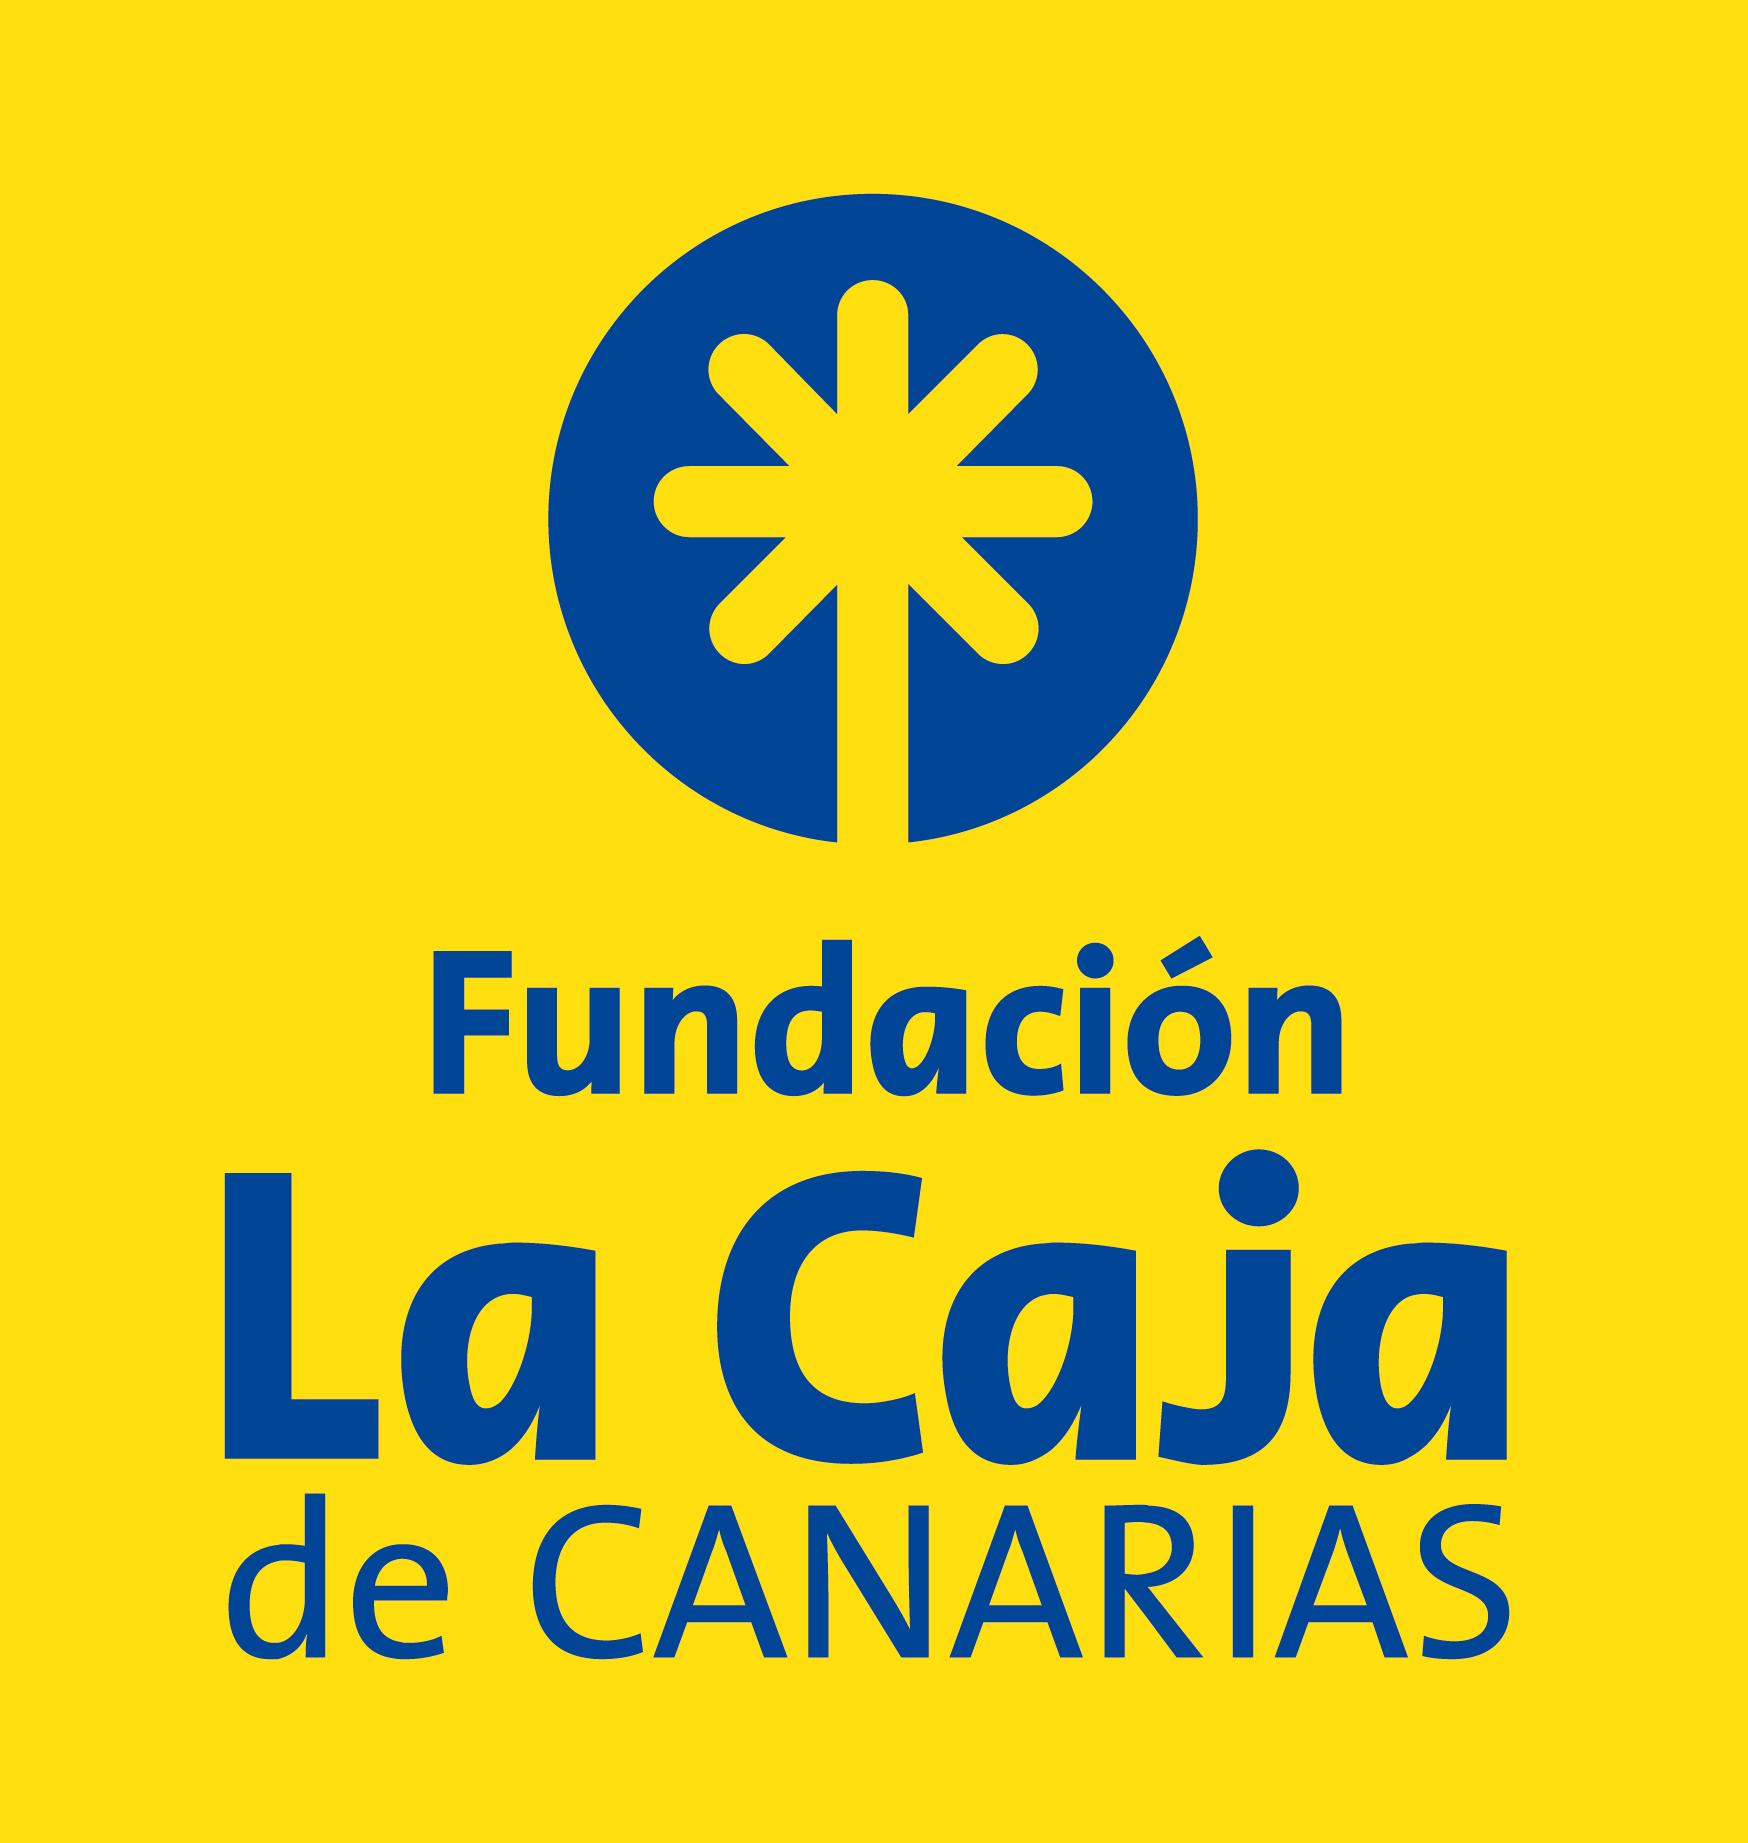 LA CAJA CANARIAS